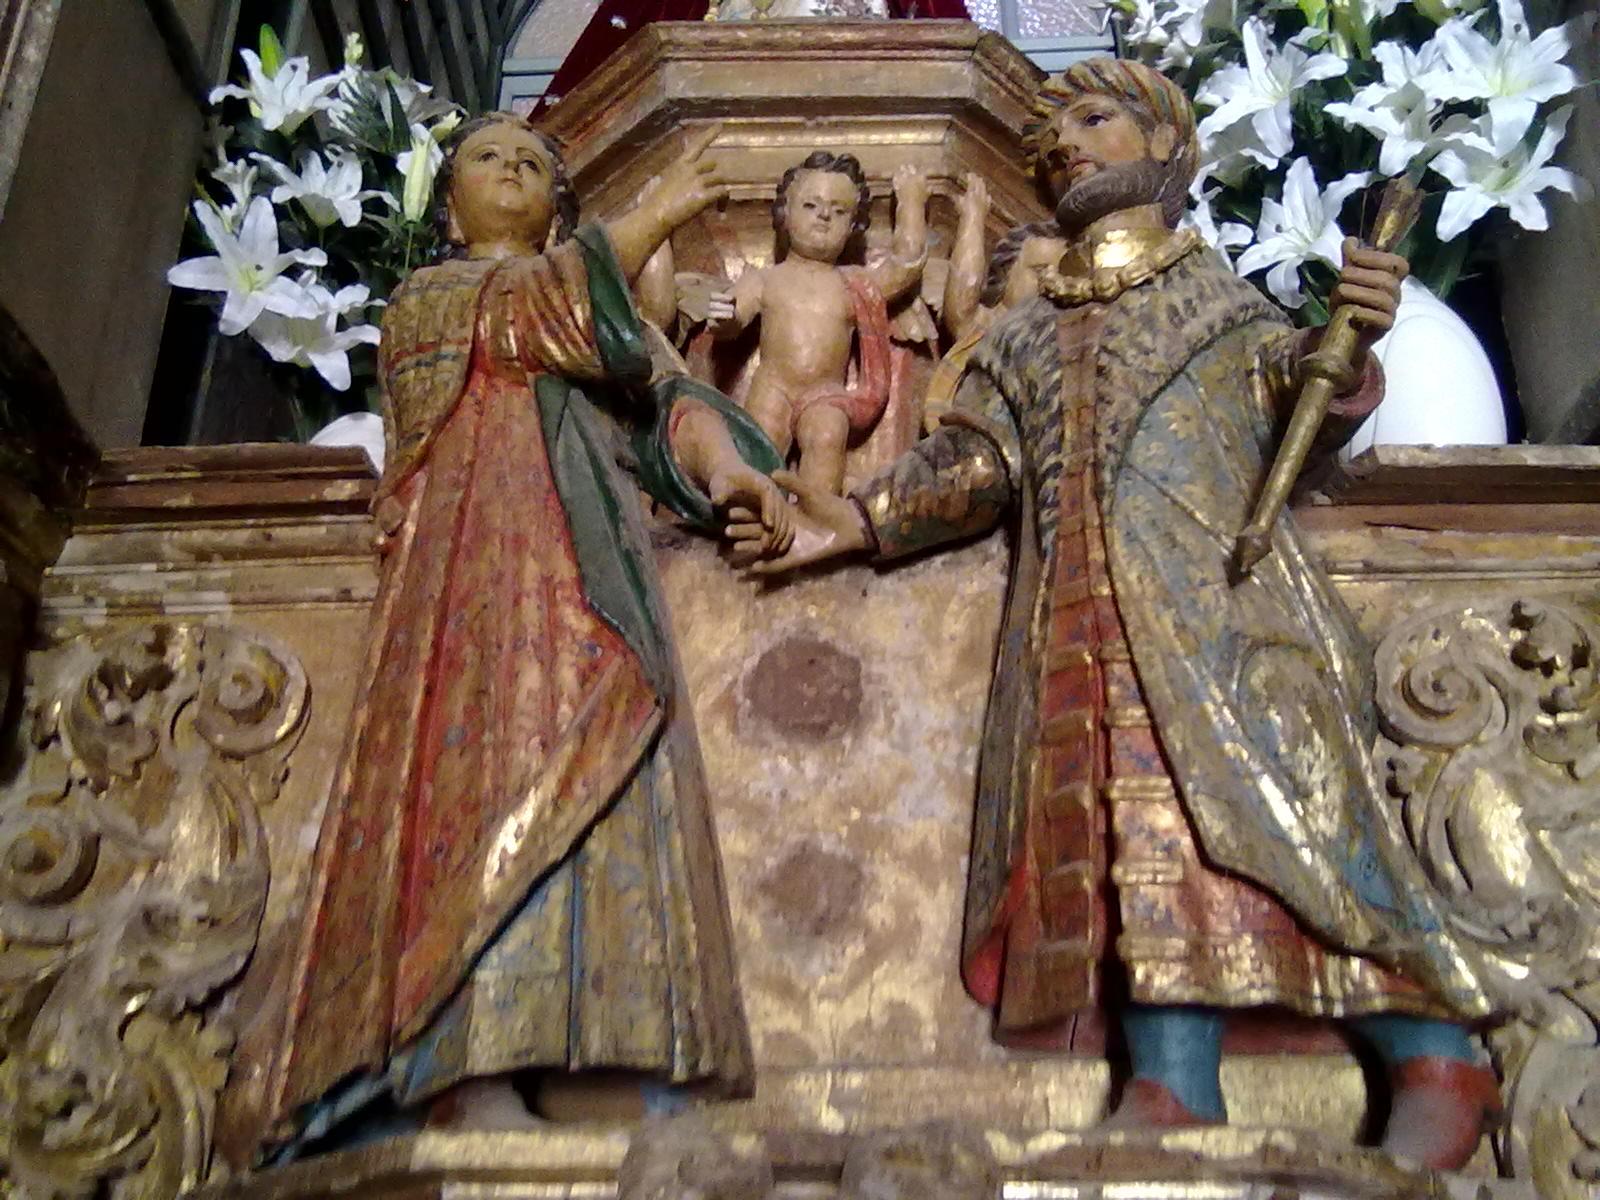 El Rey Jayón y su hija Erminda, en la ermita de la Virgen del Ara, en Fuente del Arco (Fotografía: Israel J. Espino)